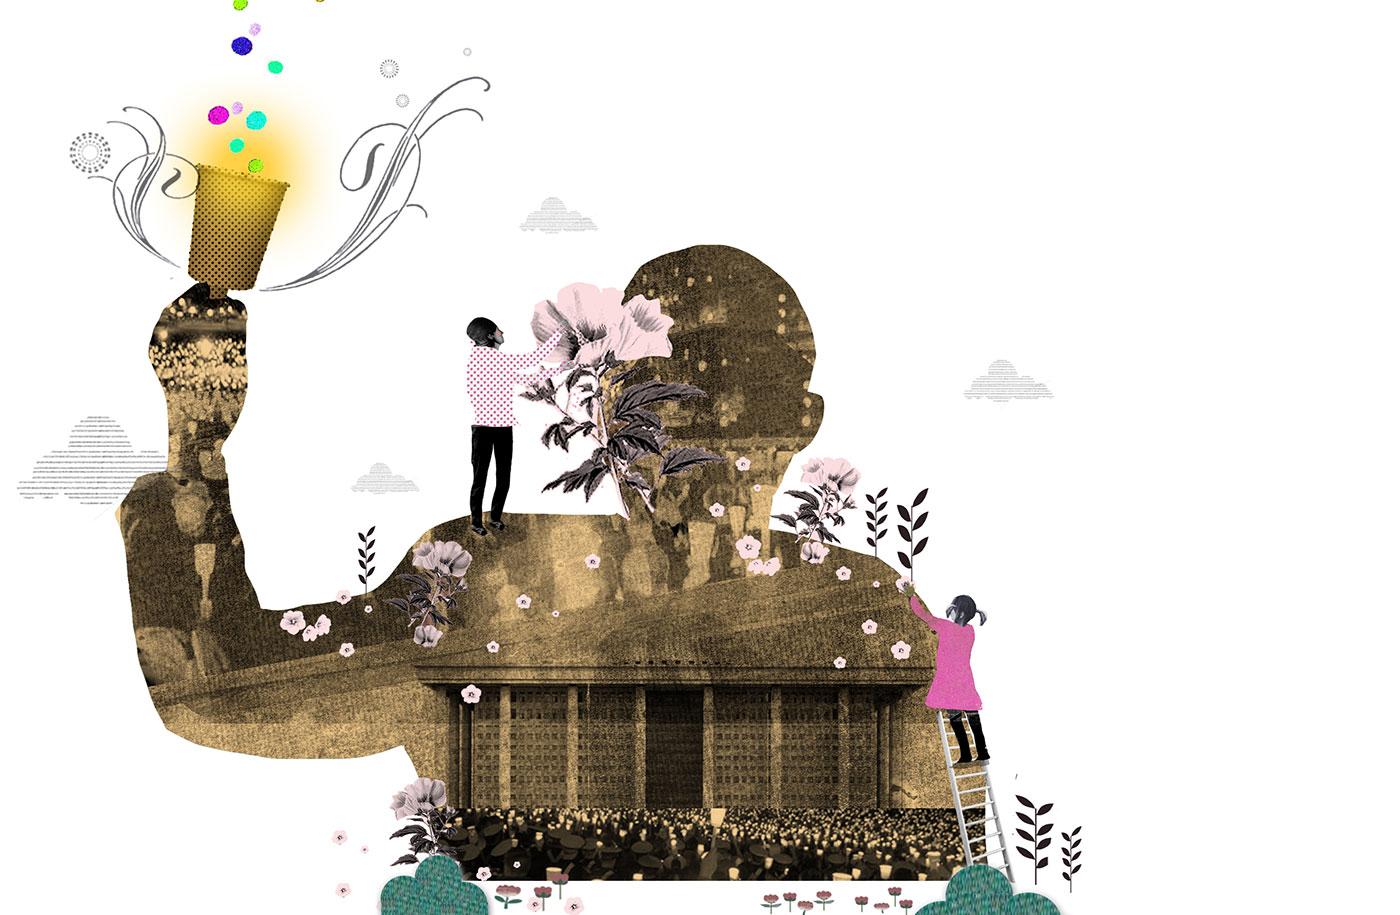 2016 촛불집회와 정당 정치-정당체계의 민주화와 다원적 정당 정치